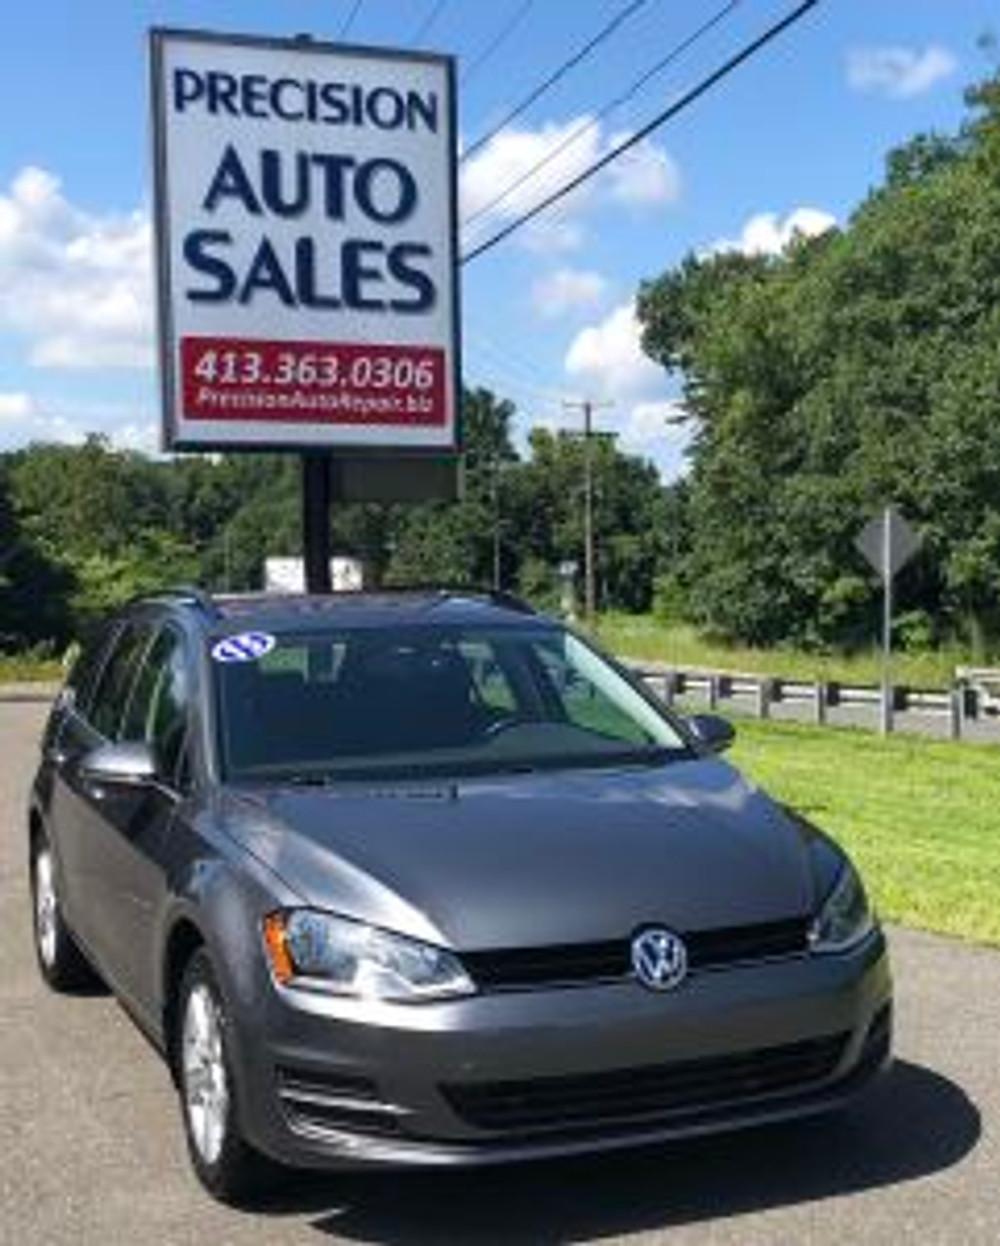 Volkswagen TDI for sale Volkswagen Dealer Volkswagen Mechanic